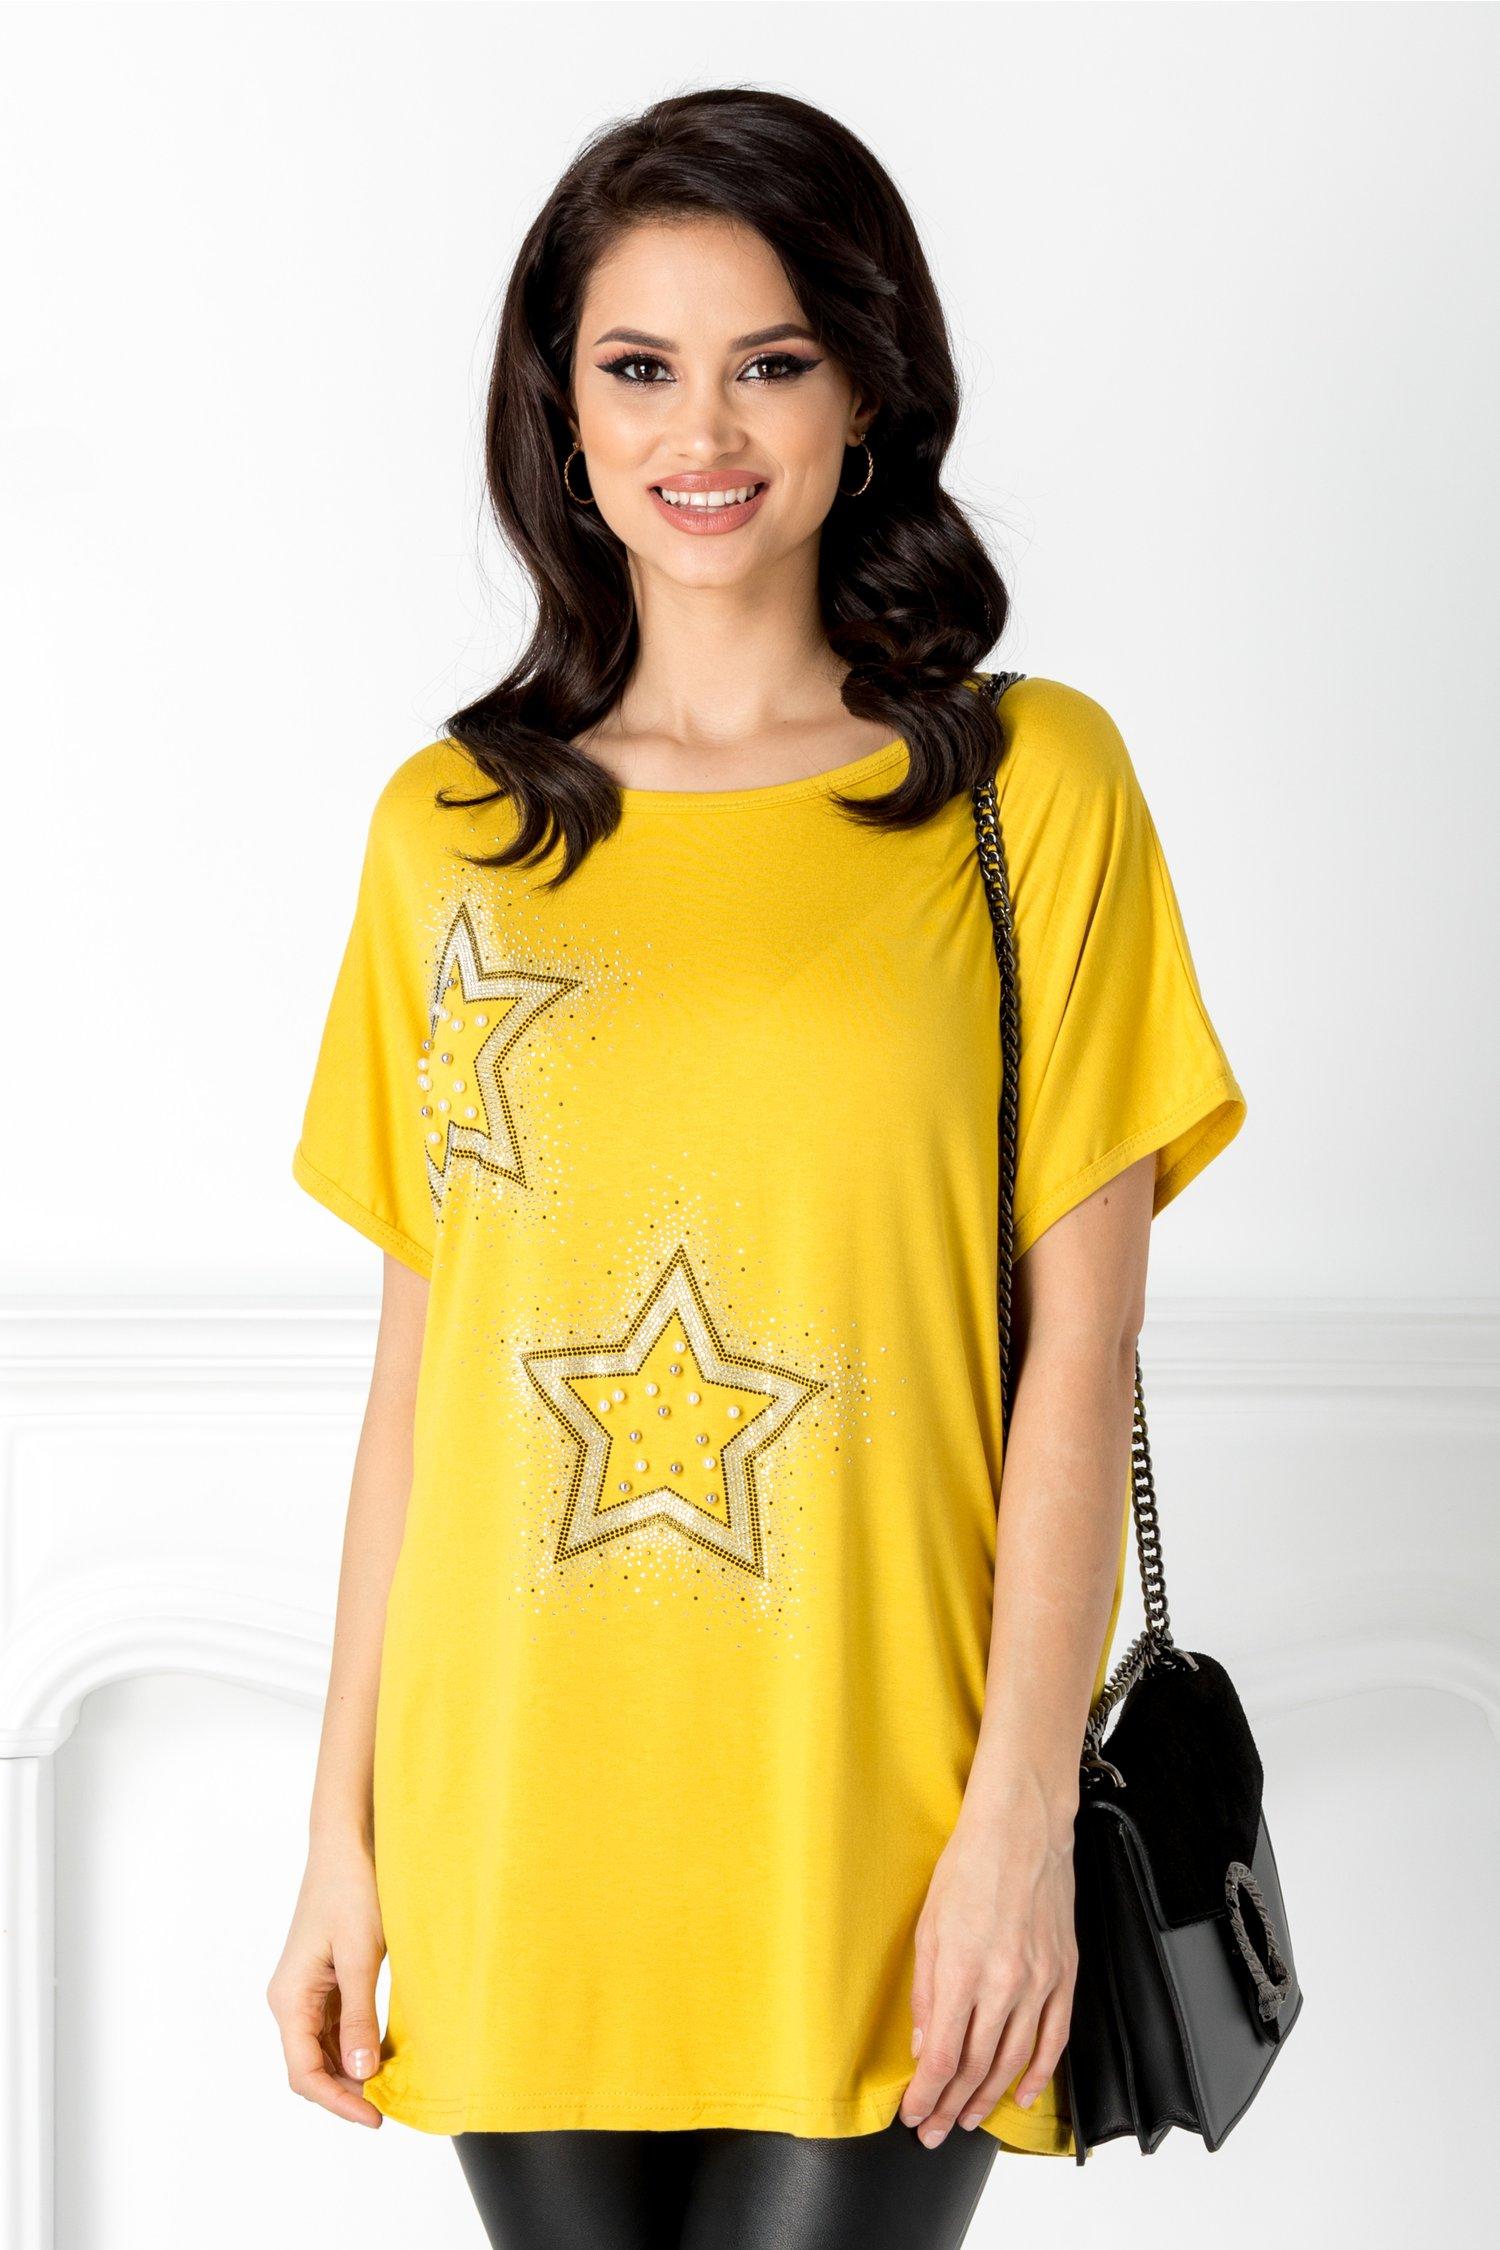 Tricou casual galben cu stelute din strasuri